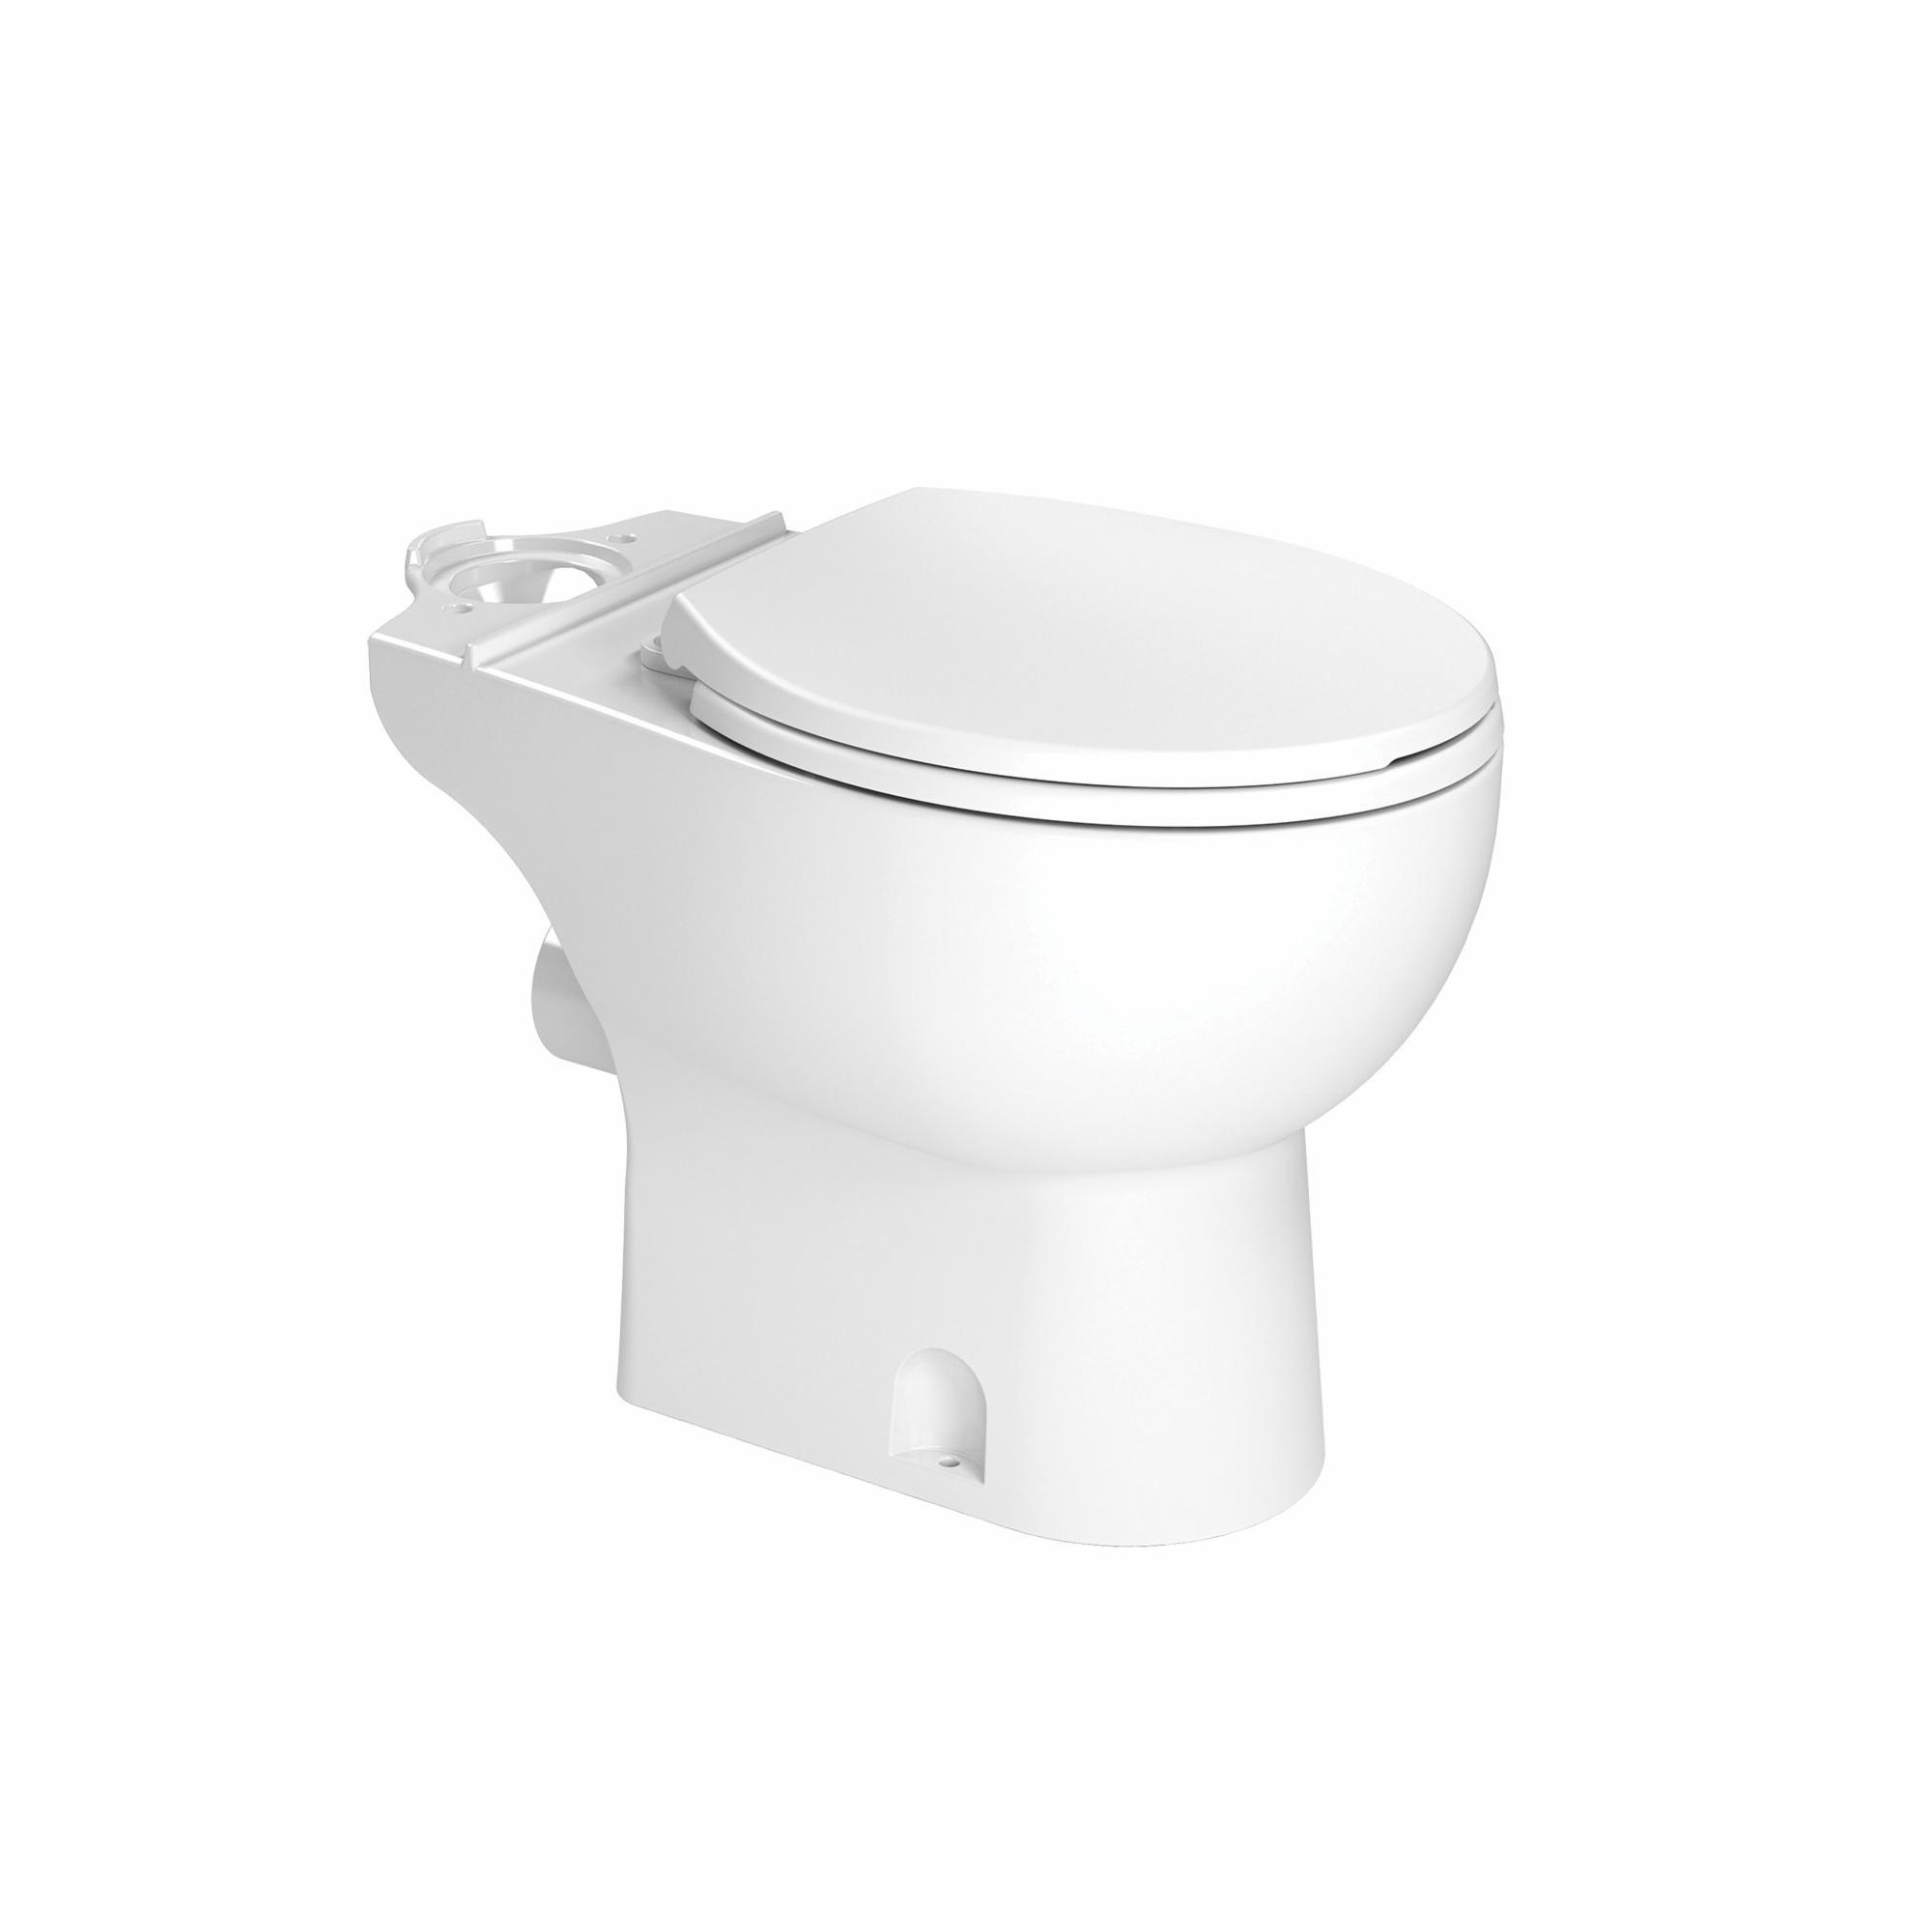 Saniflo® Saniflush® 003 Toilet Bowl, White, Round Shape, 3 in Trapway